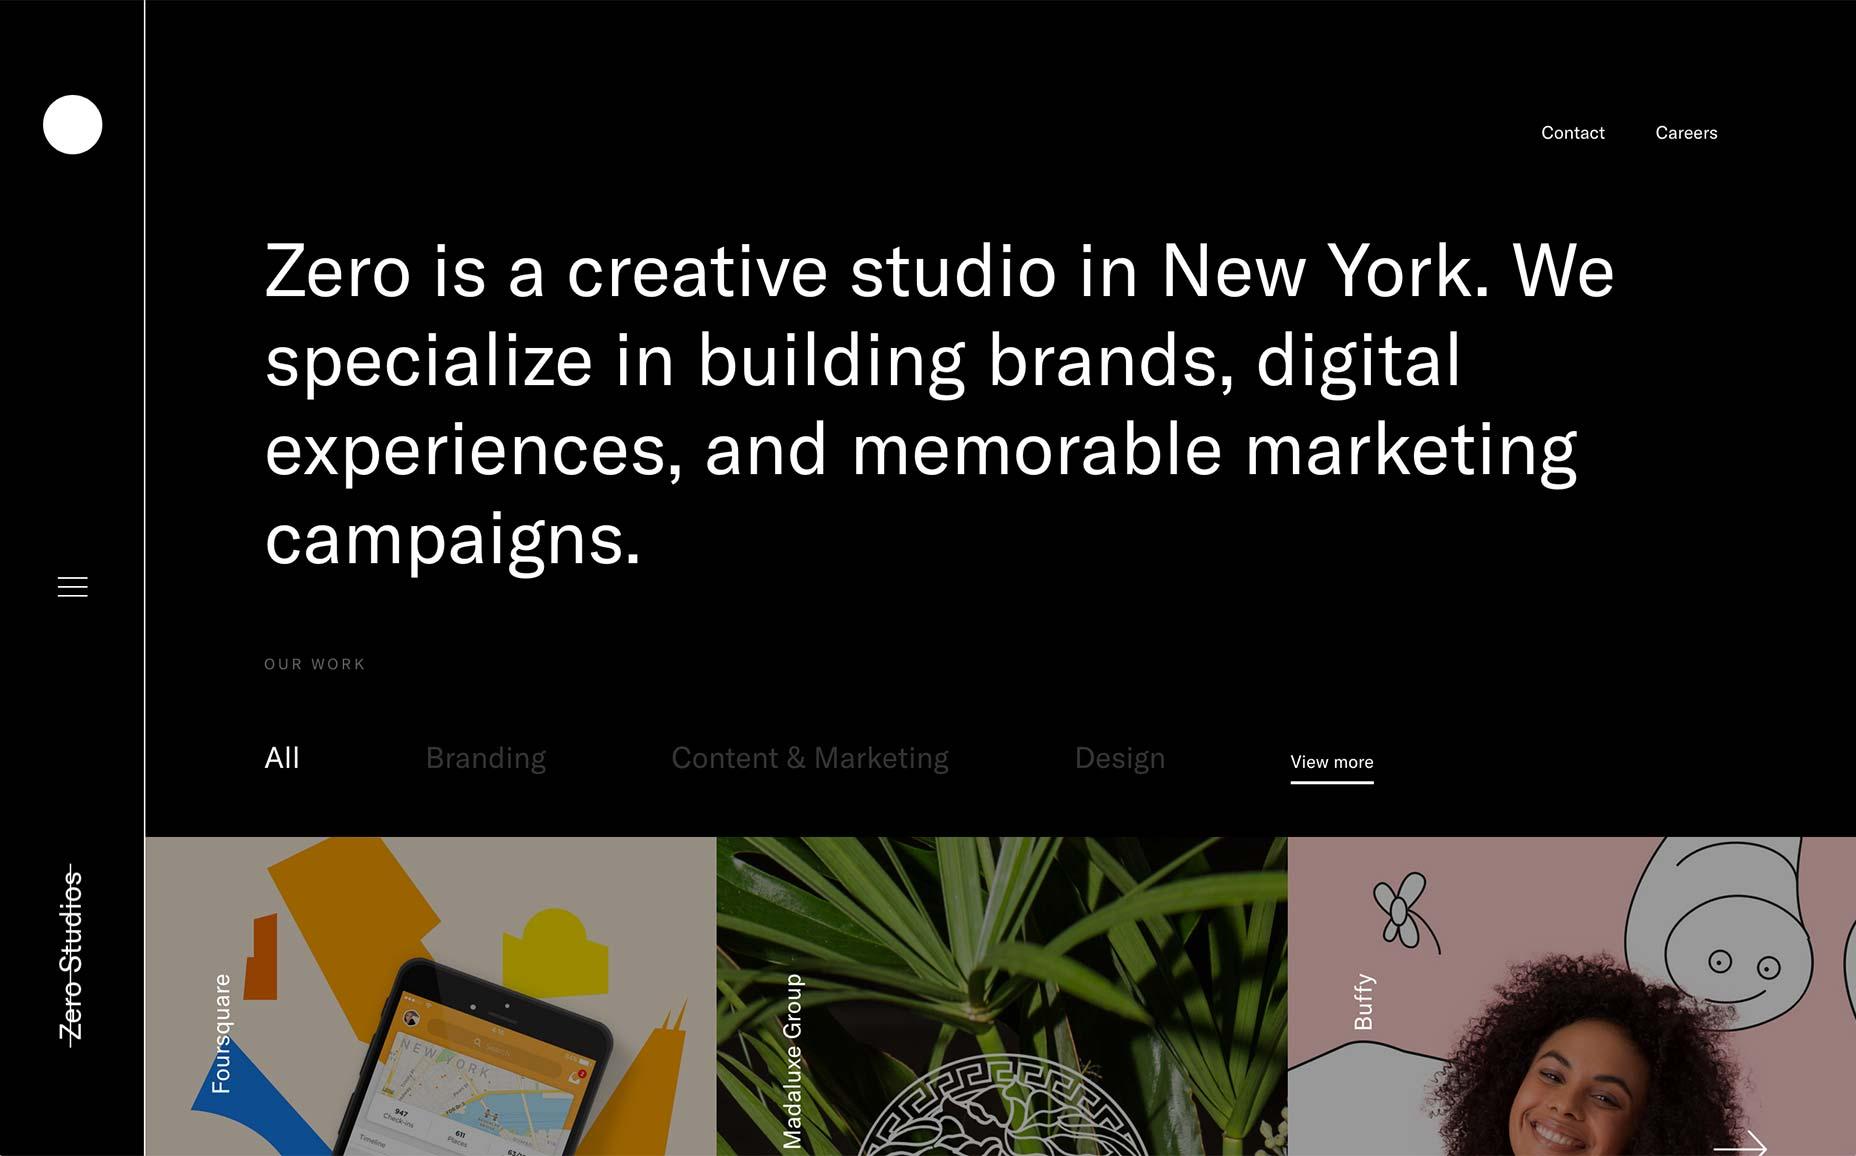 依然极简!进入2018年了设计师们是这样打造自己作品集的